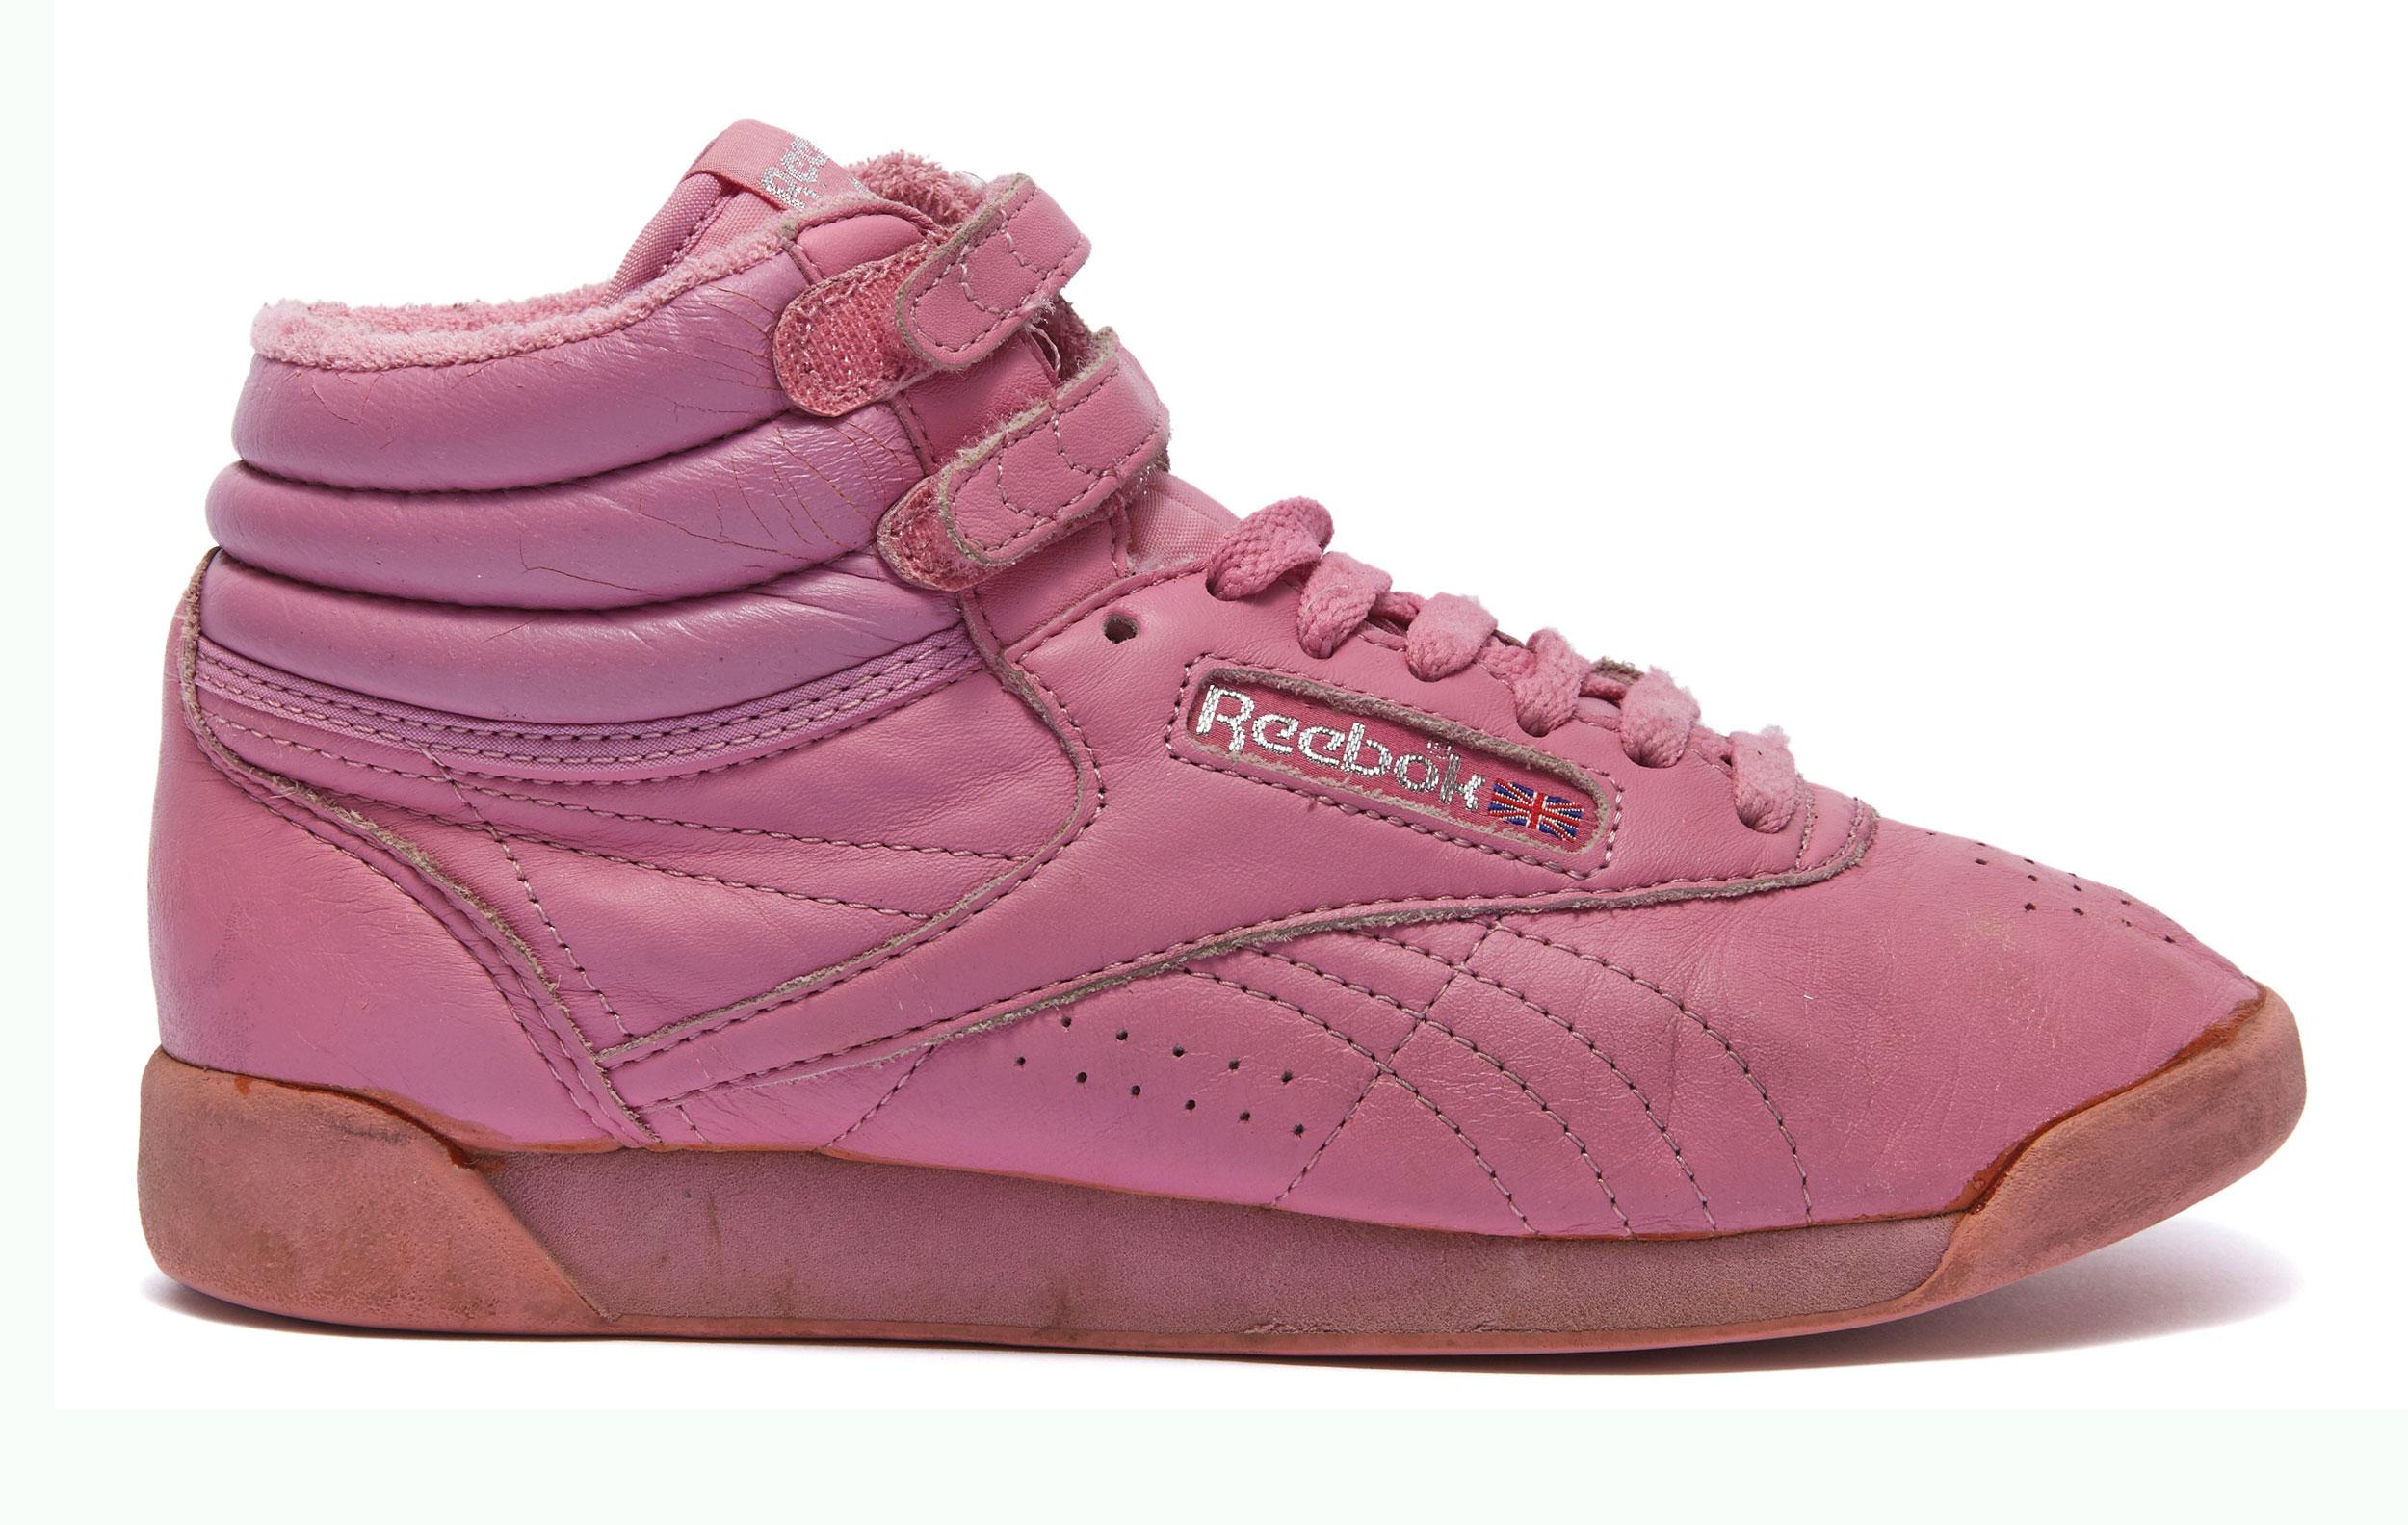 В 1987 году Reebok был первым брендом, придумавшим обувь специально дляаэробики — так появилась культовая модель Reebok Freestyle Hi. Стех пор она неоднократно переосмысливалась иперевыпускалась.